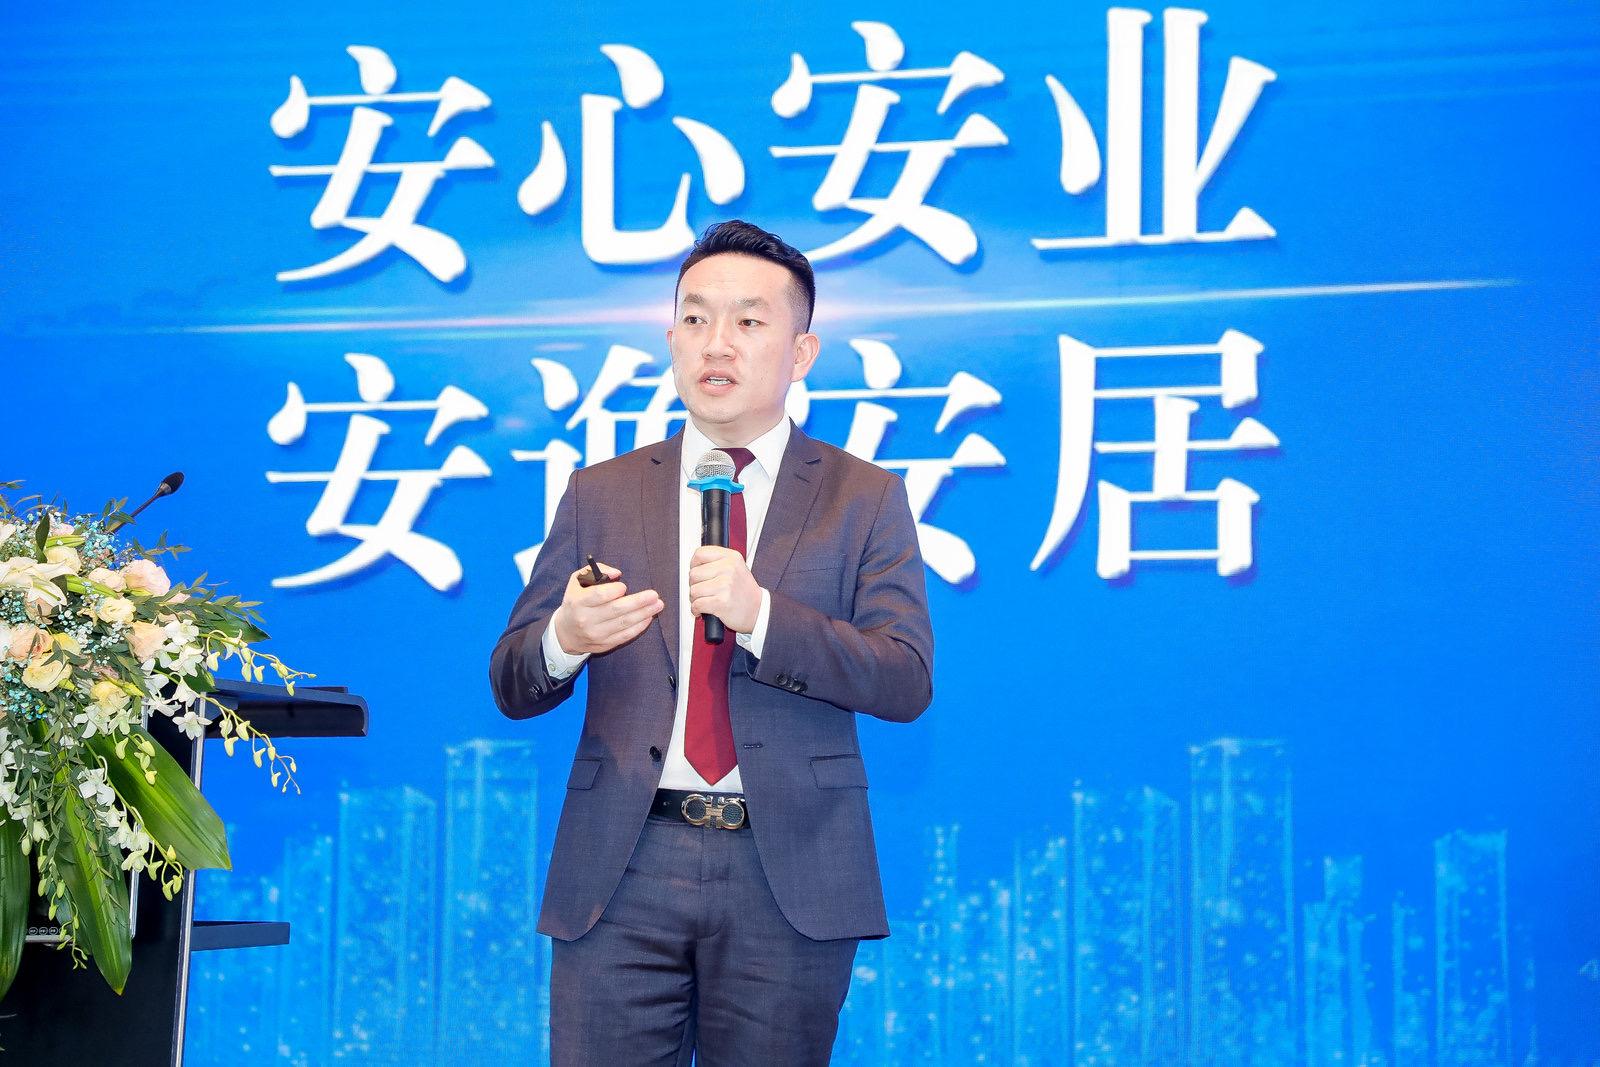 遂宁市安居区2020年城市价值营销暨产业招商推介会6